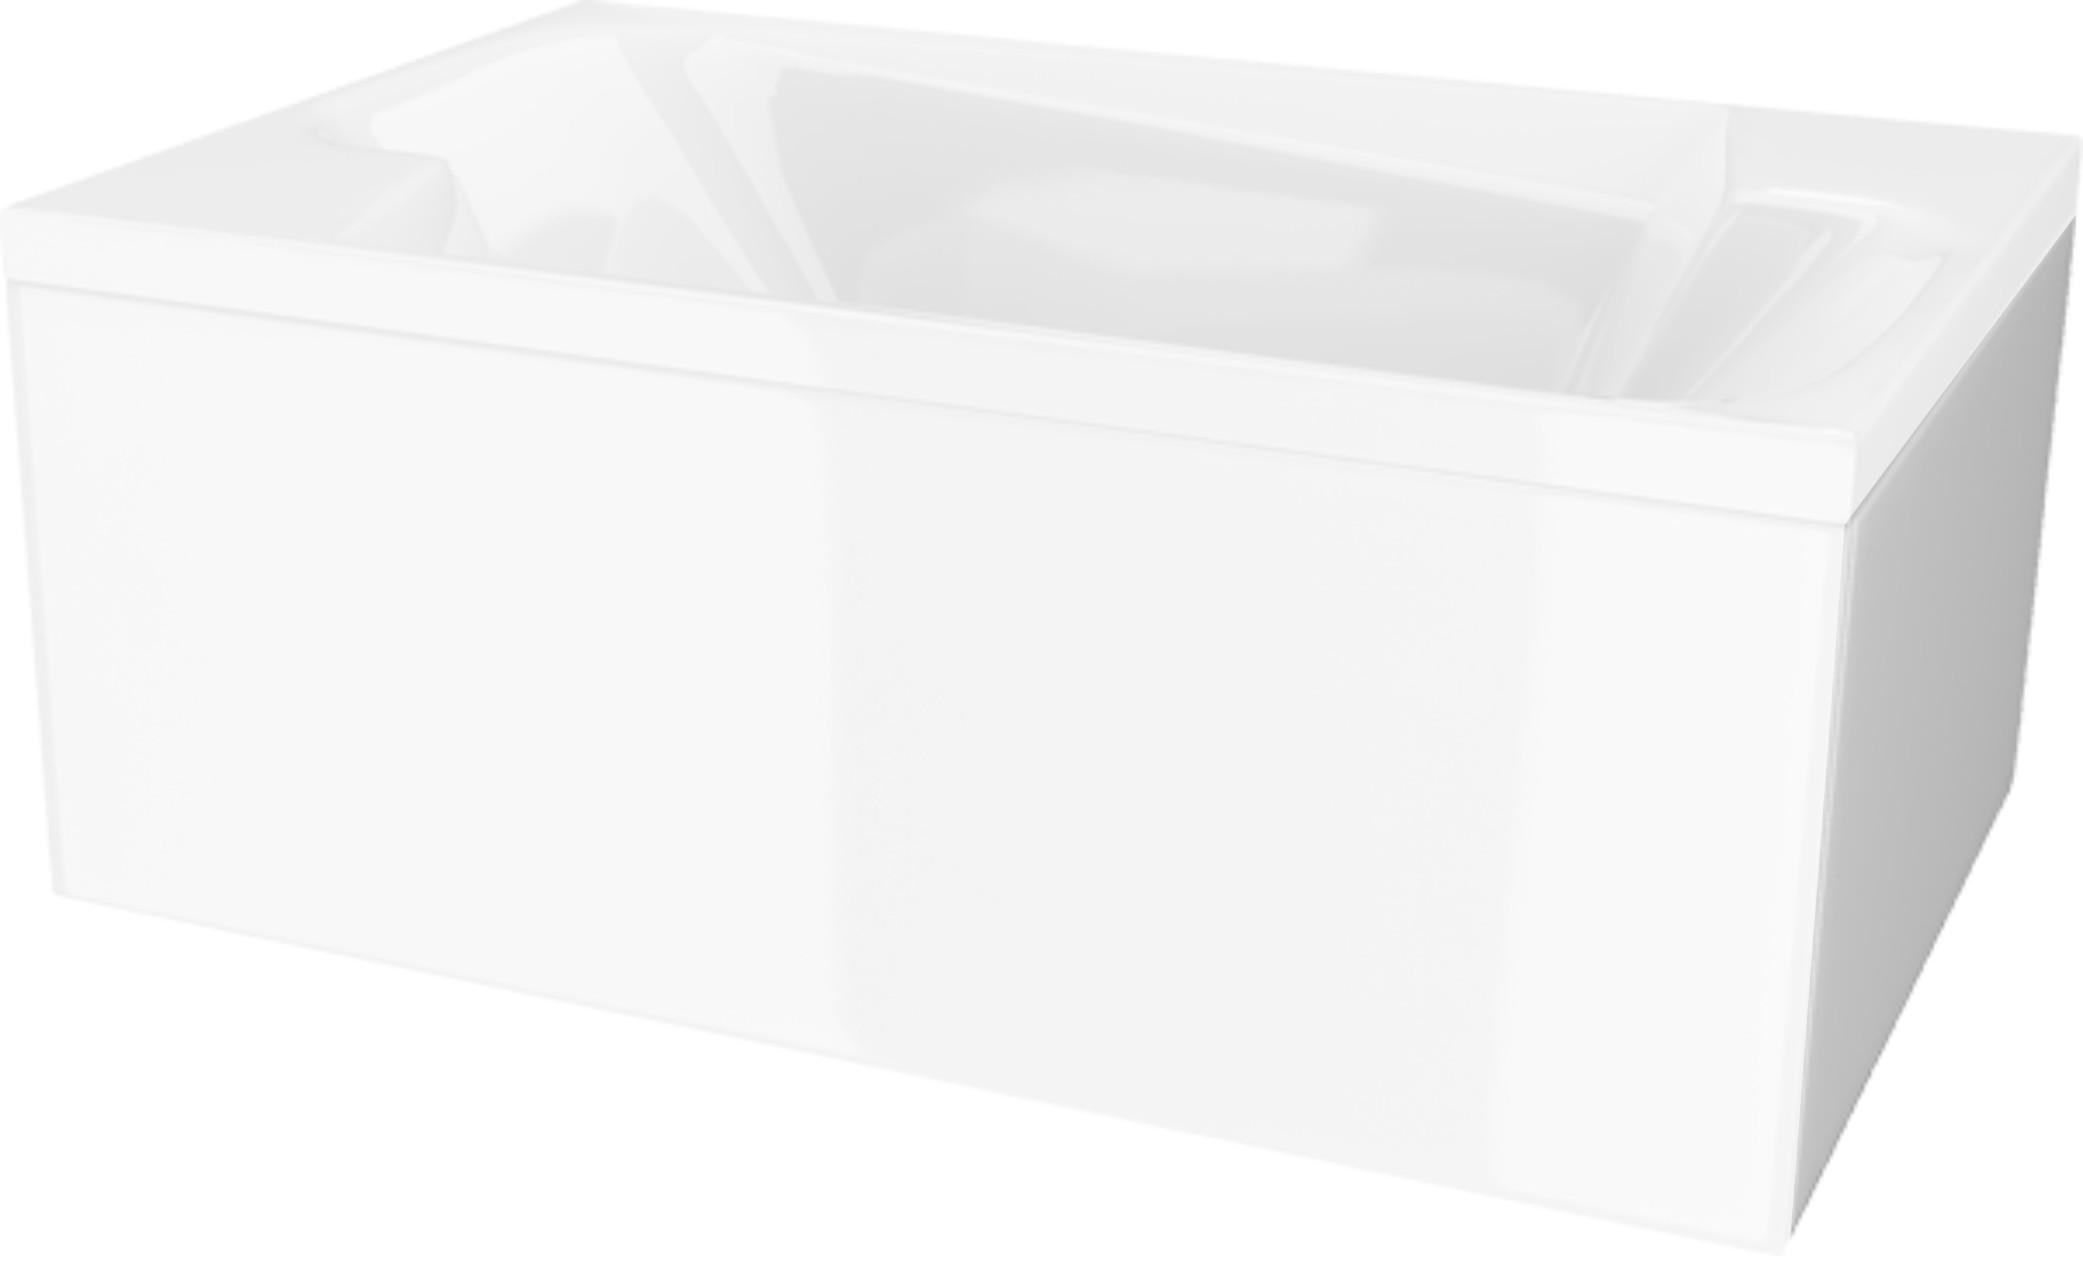 PADOVA Hopa krycí boční panel k vaně, skladem